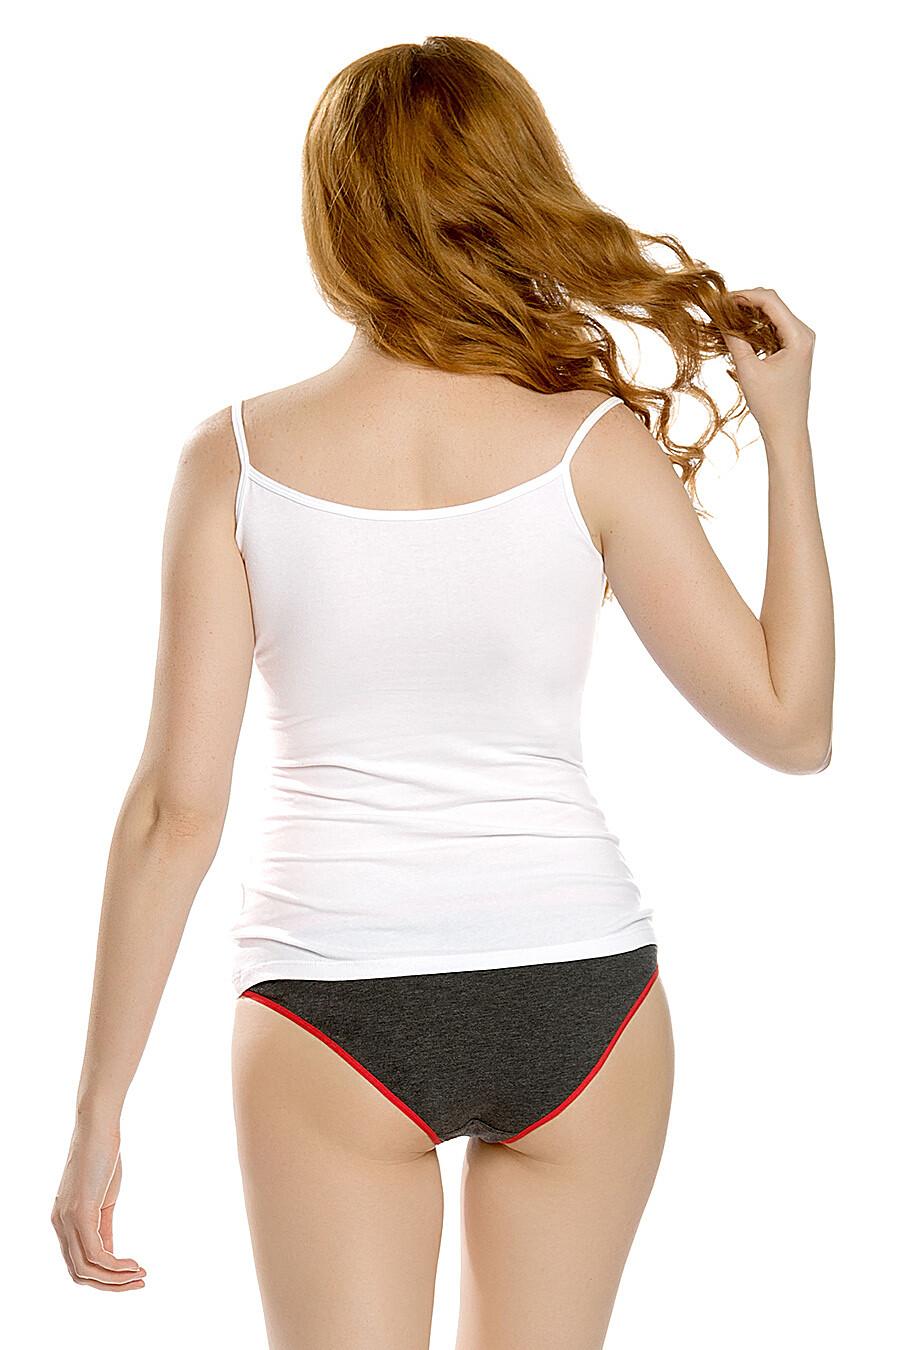 Комплект для женщин PELICAN 161479 купить оптом от производителя. Совместная покупка женской одежды в OptMoyo